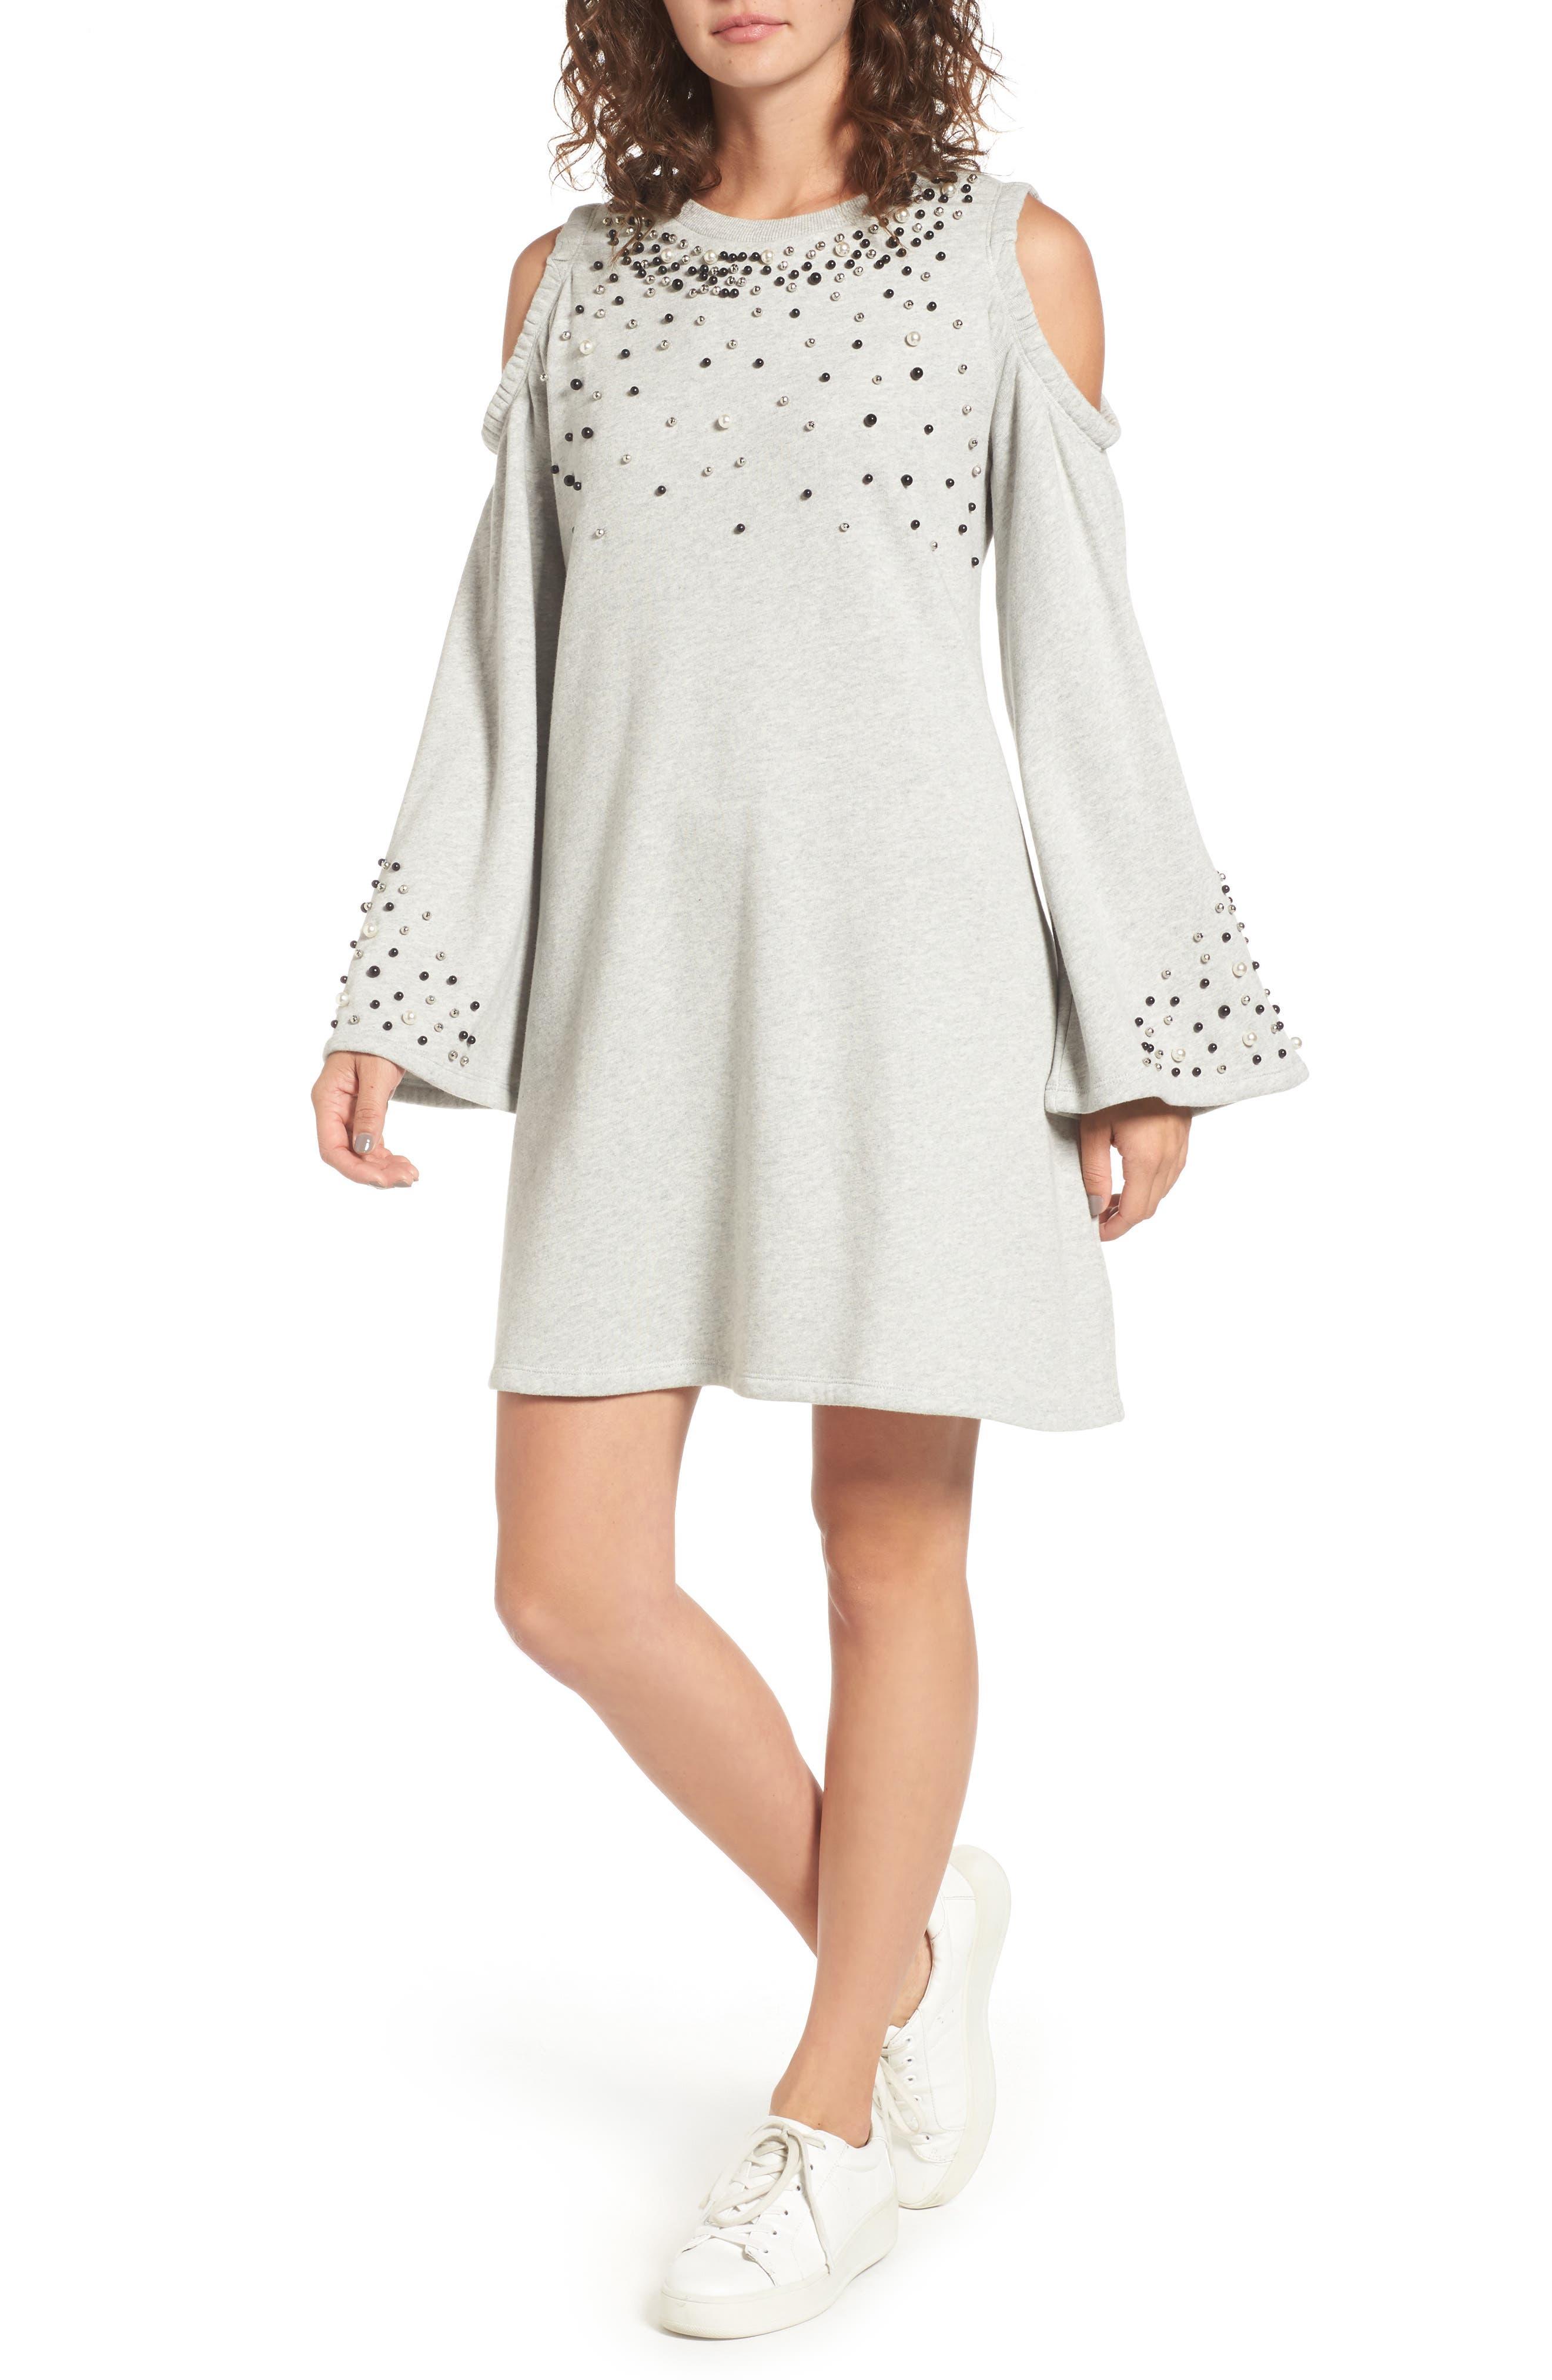 Main Image - BP. Embellished Cold Shoulder Sweatshirt Dress